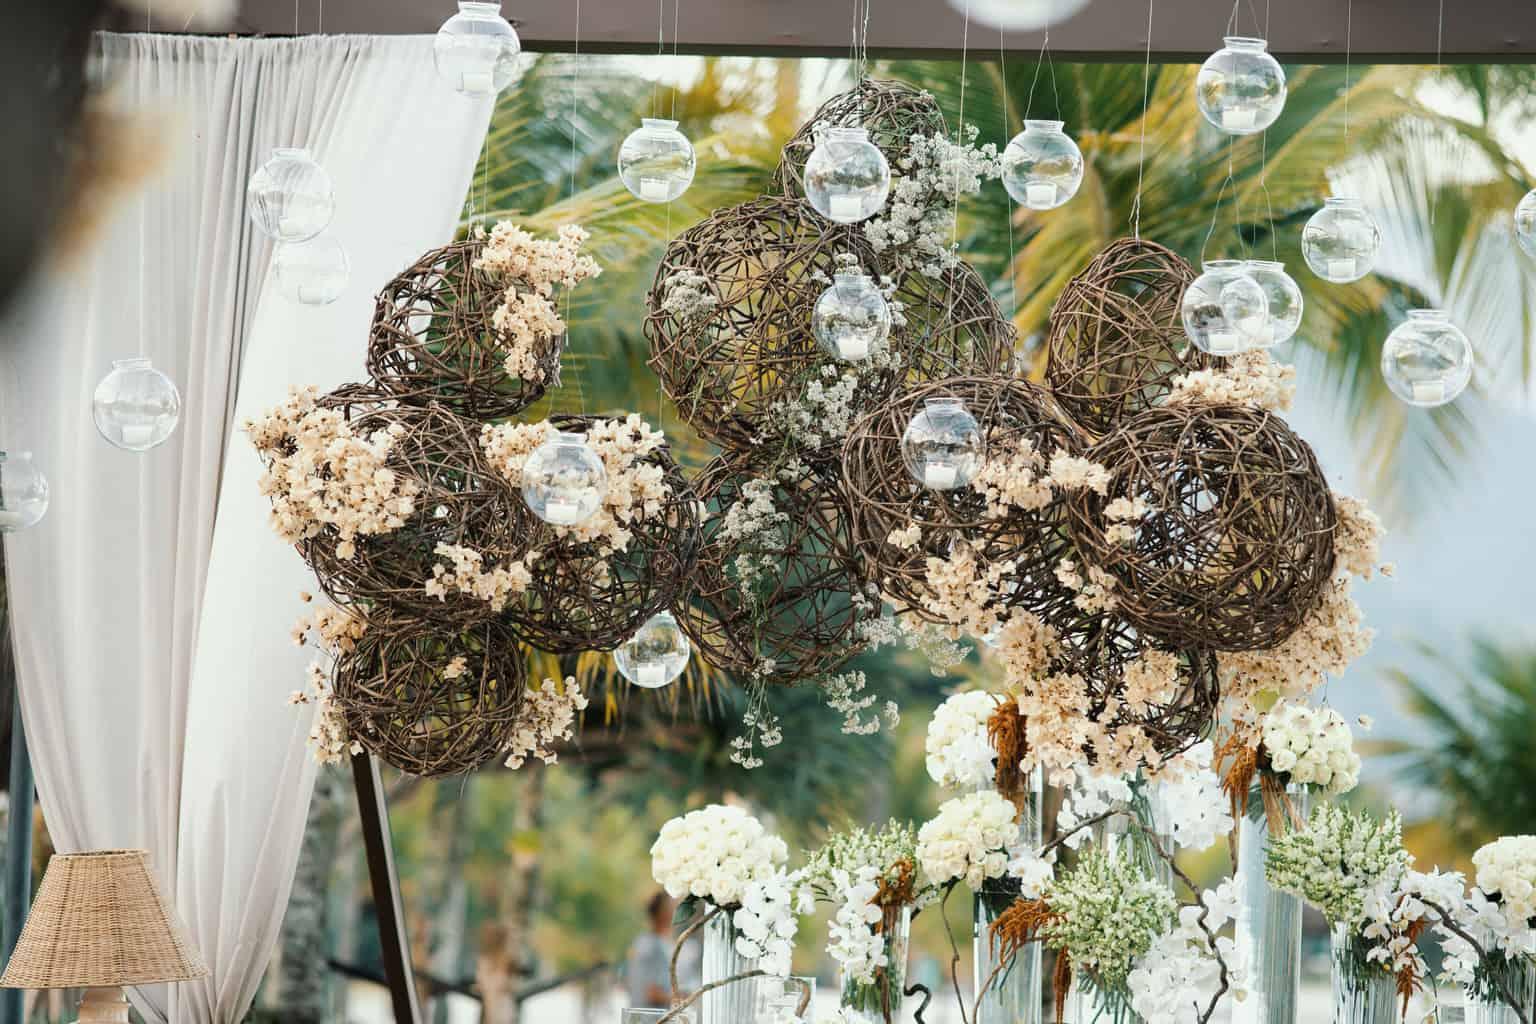 Casamento-Alissa-e-Gustavo-Cerimonial-Manu-Goncalez-Decor-Andrea-Kapps-Fasano-Angra-dos-Reis-Foto-VRebel-Decoracao7985